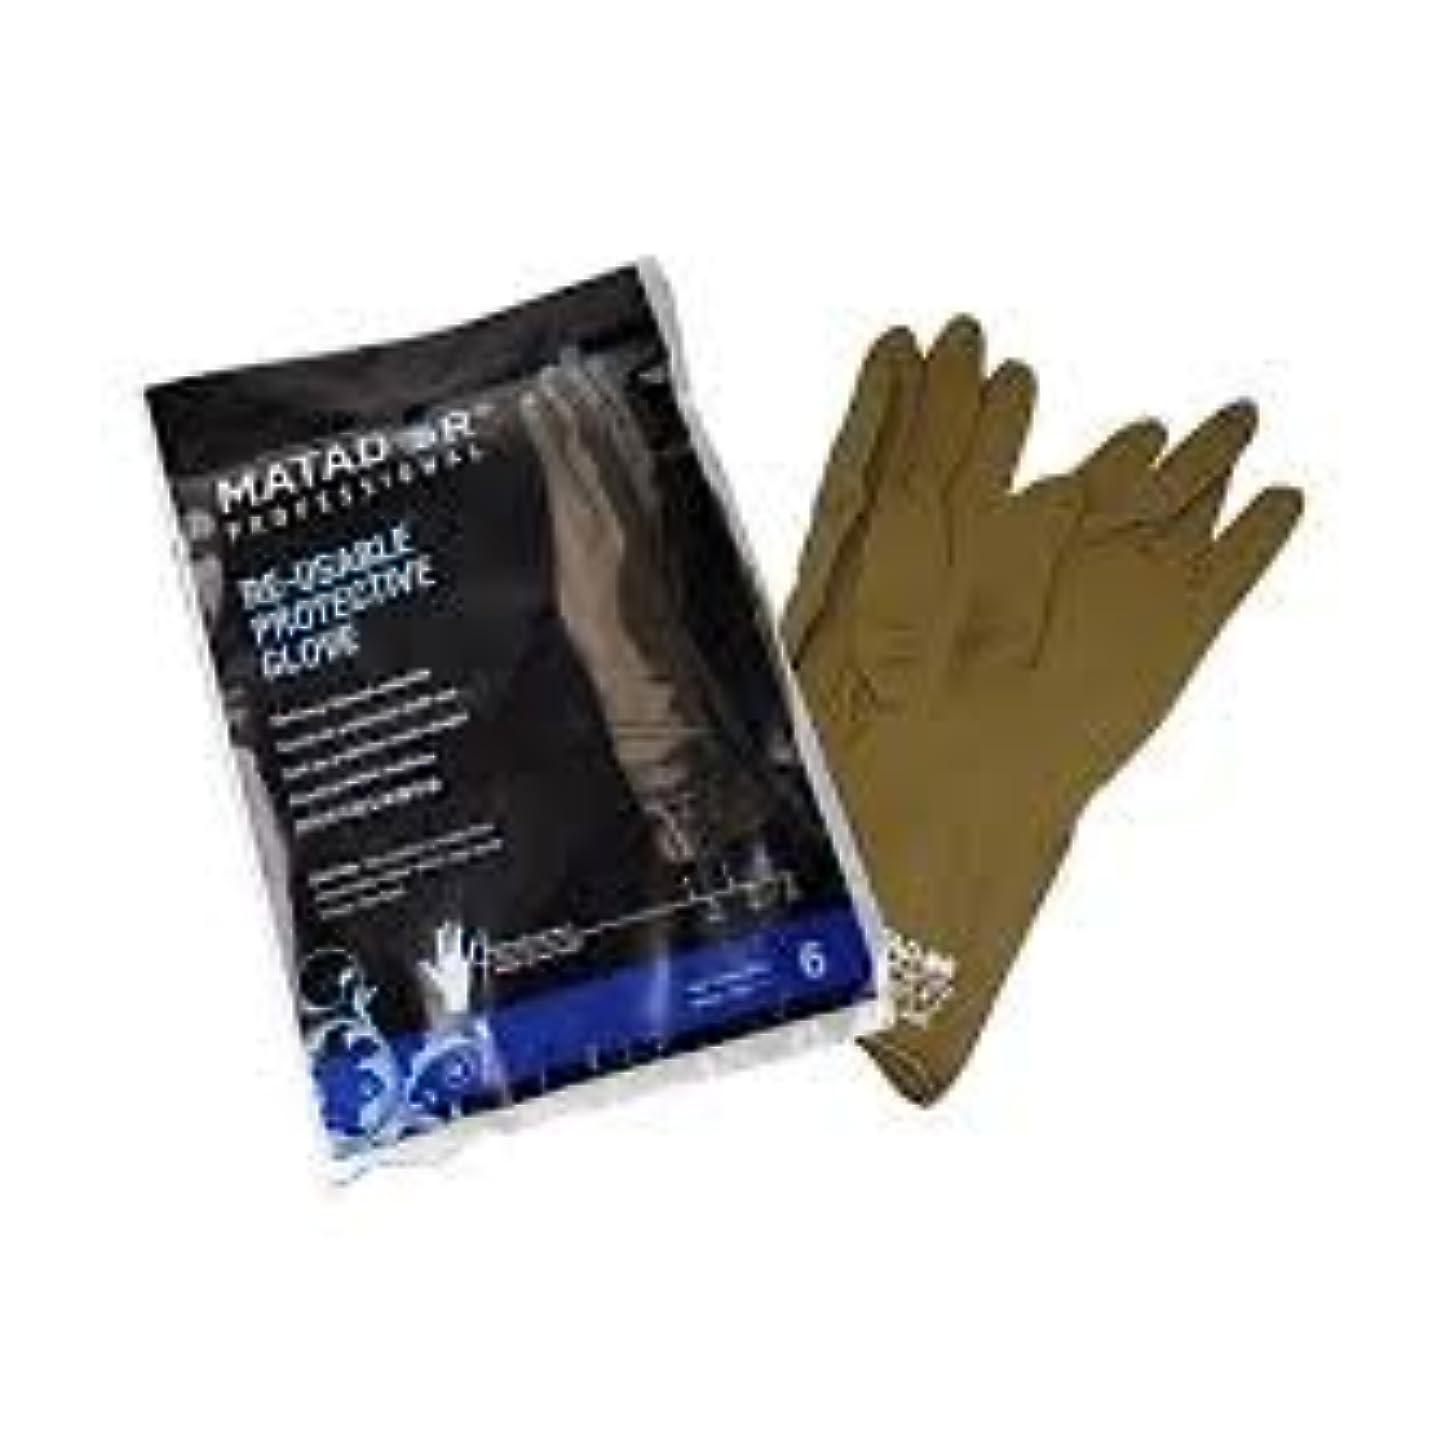 マタドールゴム手袋 6.0吋 【10個セット】